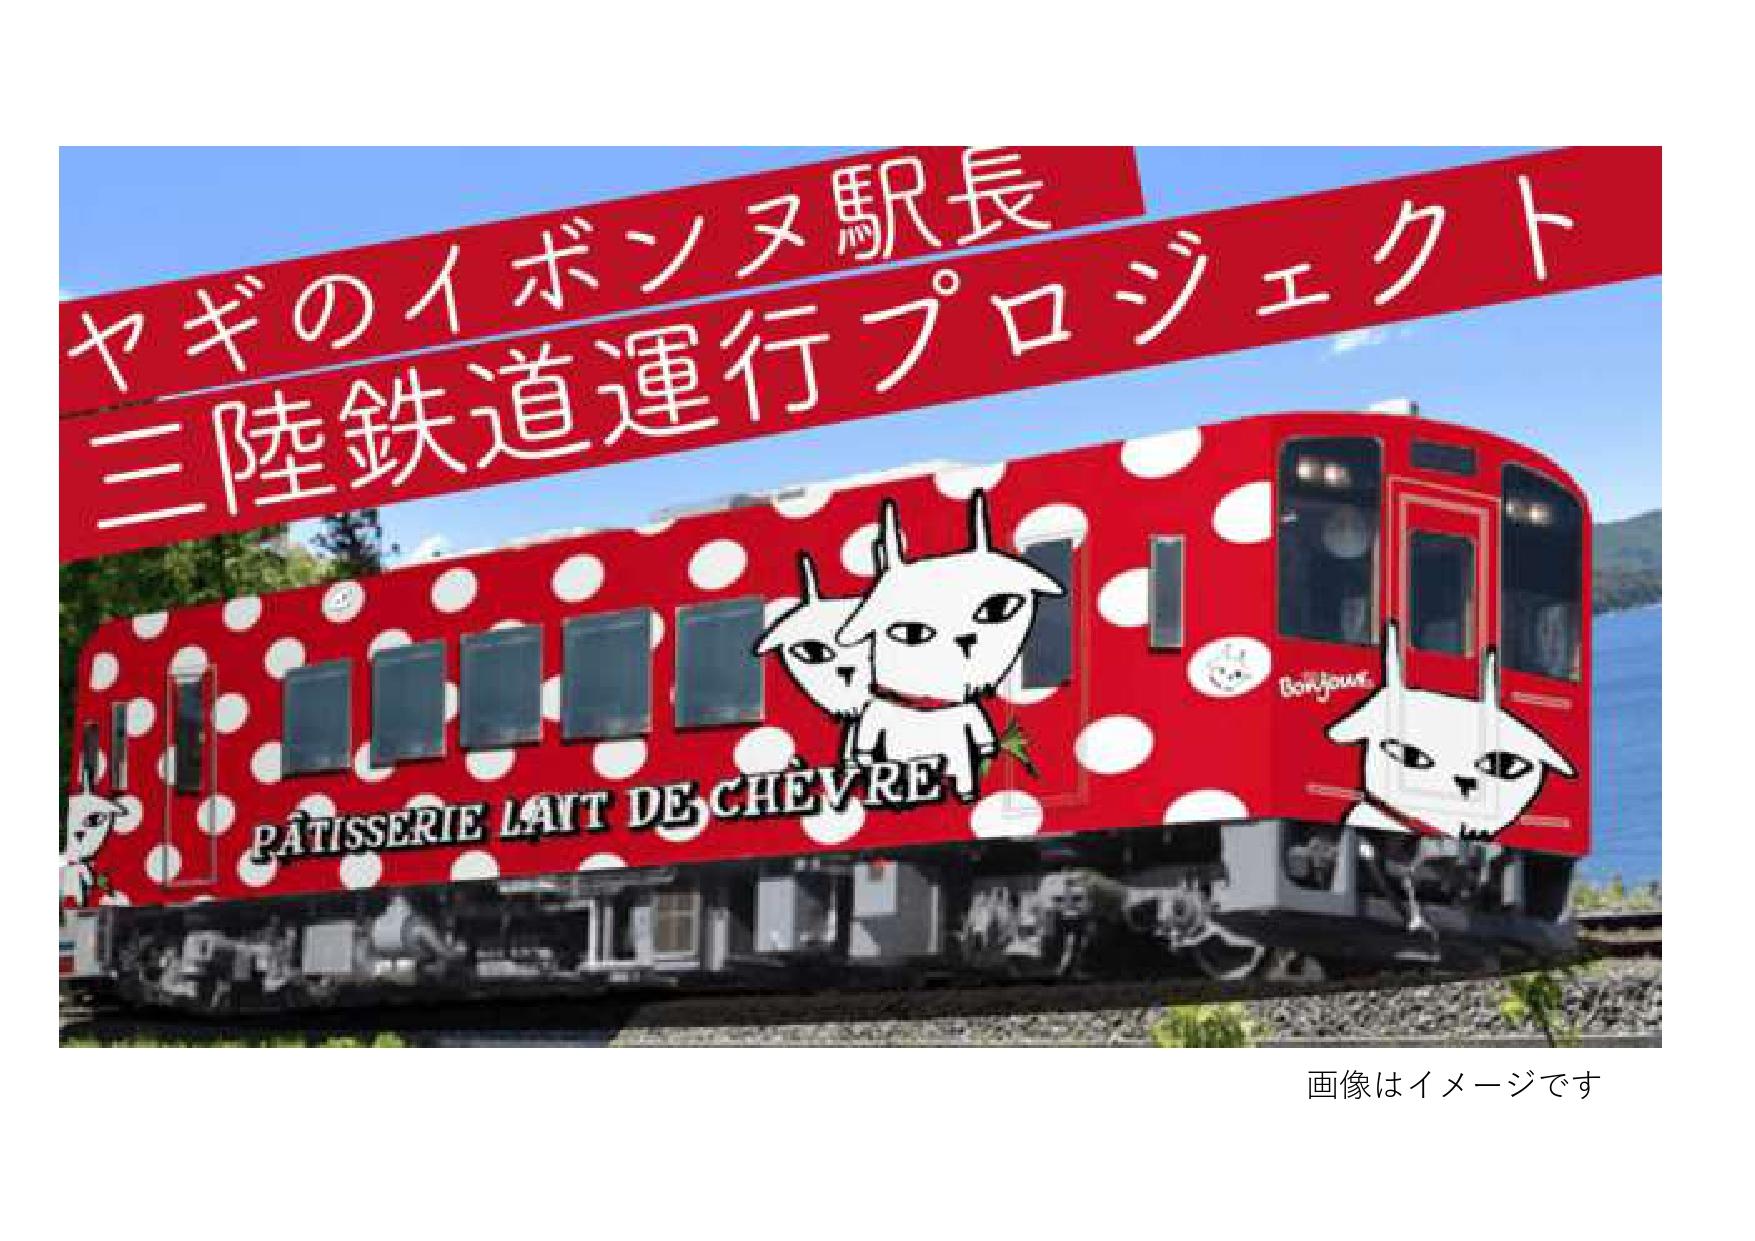 「ヤギのイボンヌ」ラッピング列車 出発進行!【三陸鉄道】